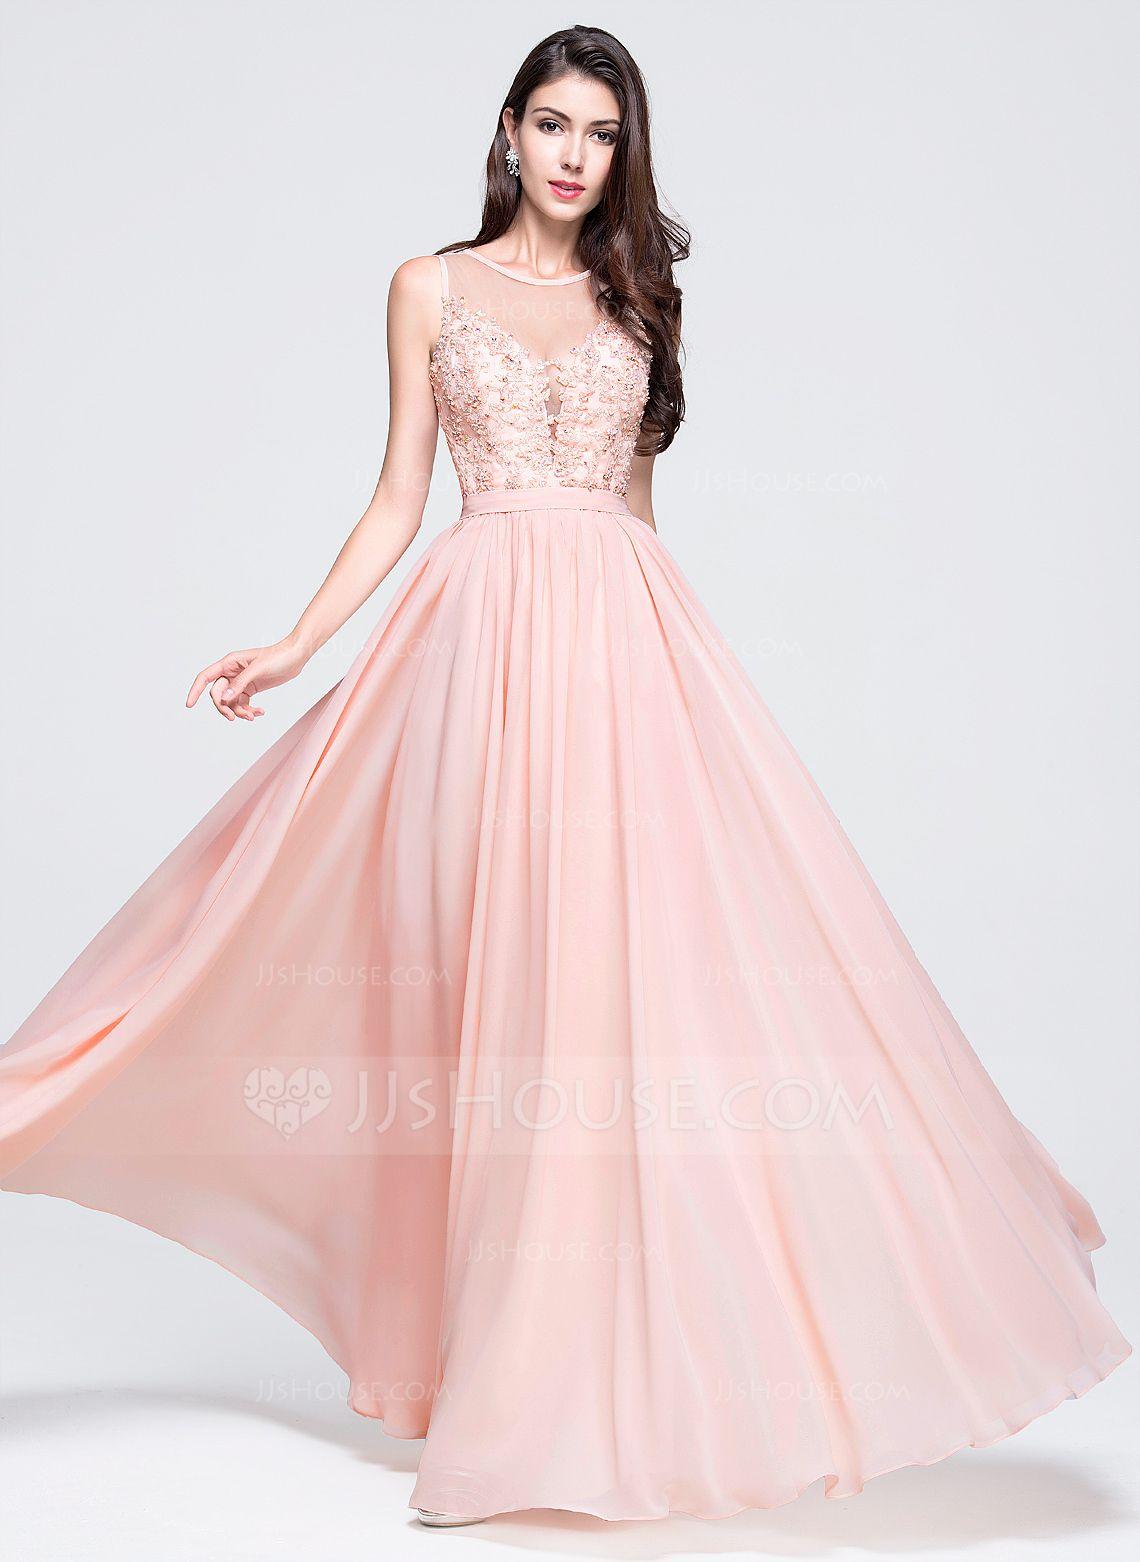 Corte A/Princesa Escote redondo Hasta el suelo Gasa Vestido de baile ...